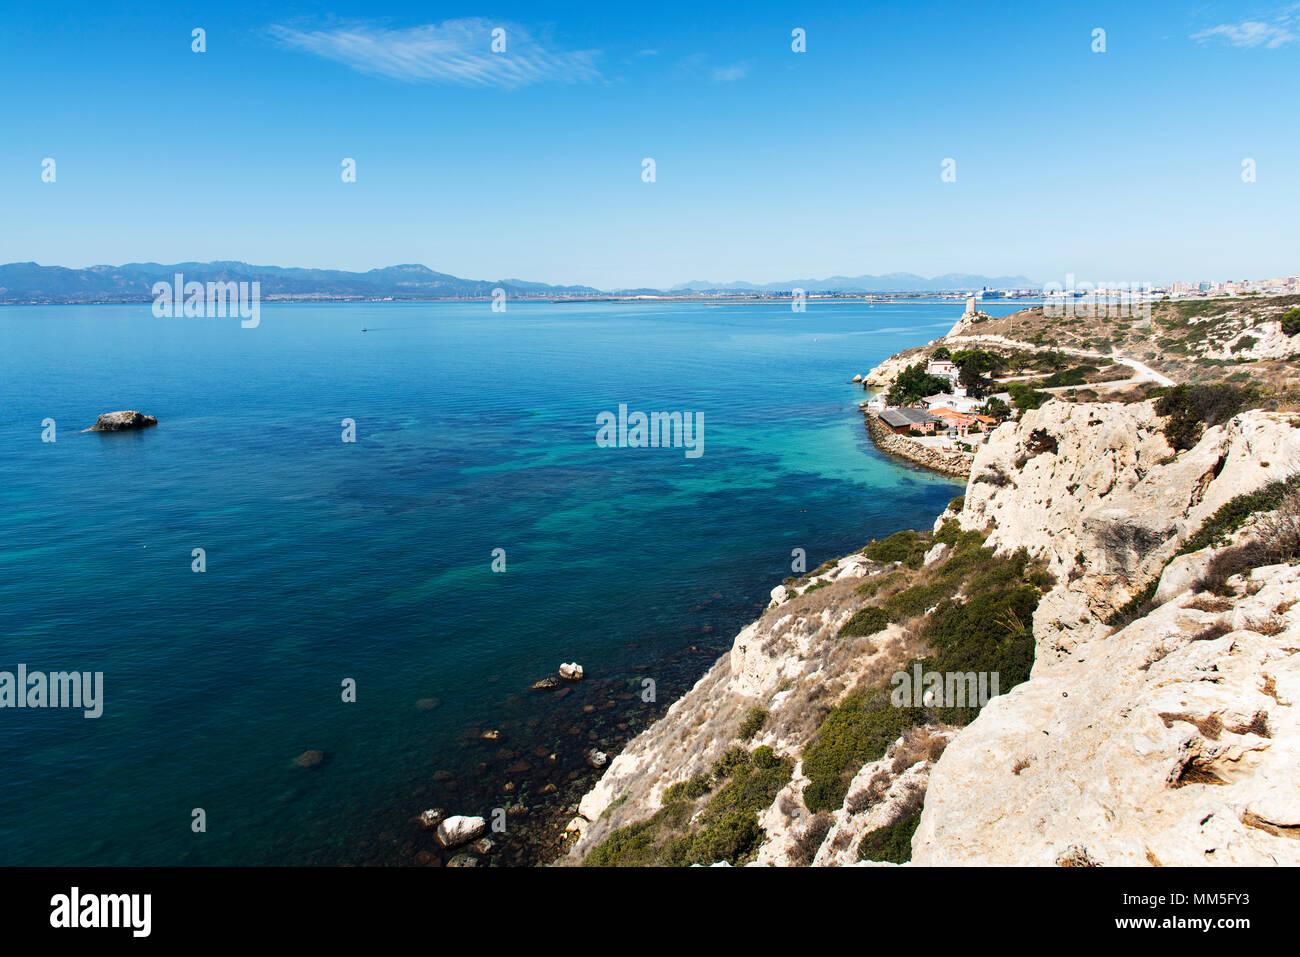 Una vista de la costa de Sant Elia en Cagliari, Cerdeña, destacando el Prezzemolo torre a la derecha y el puerto de Cagliari, en el fondo Imagen De Stock